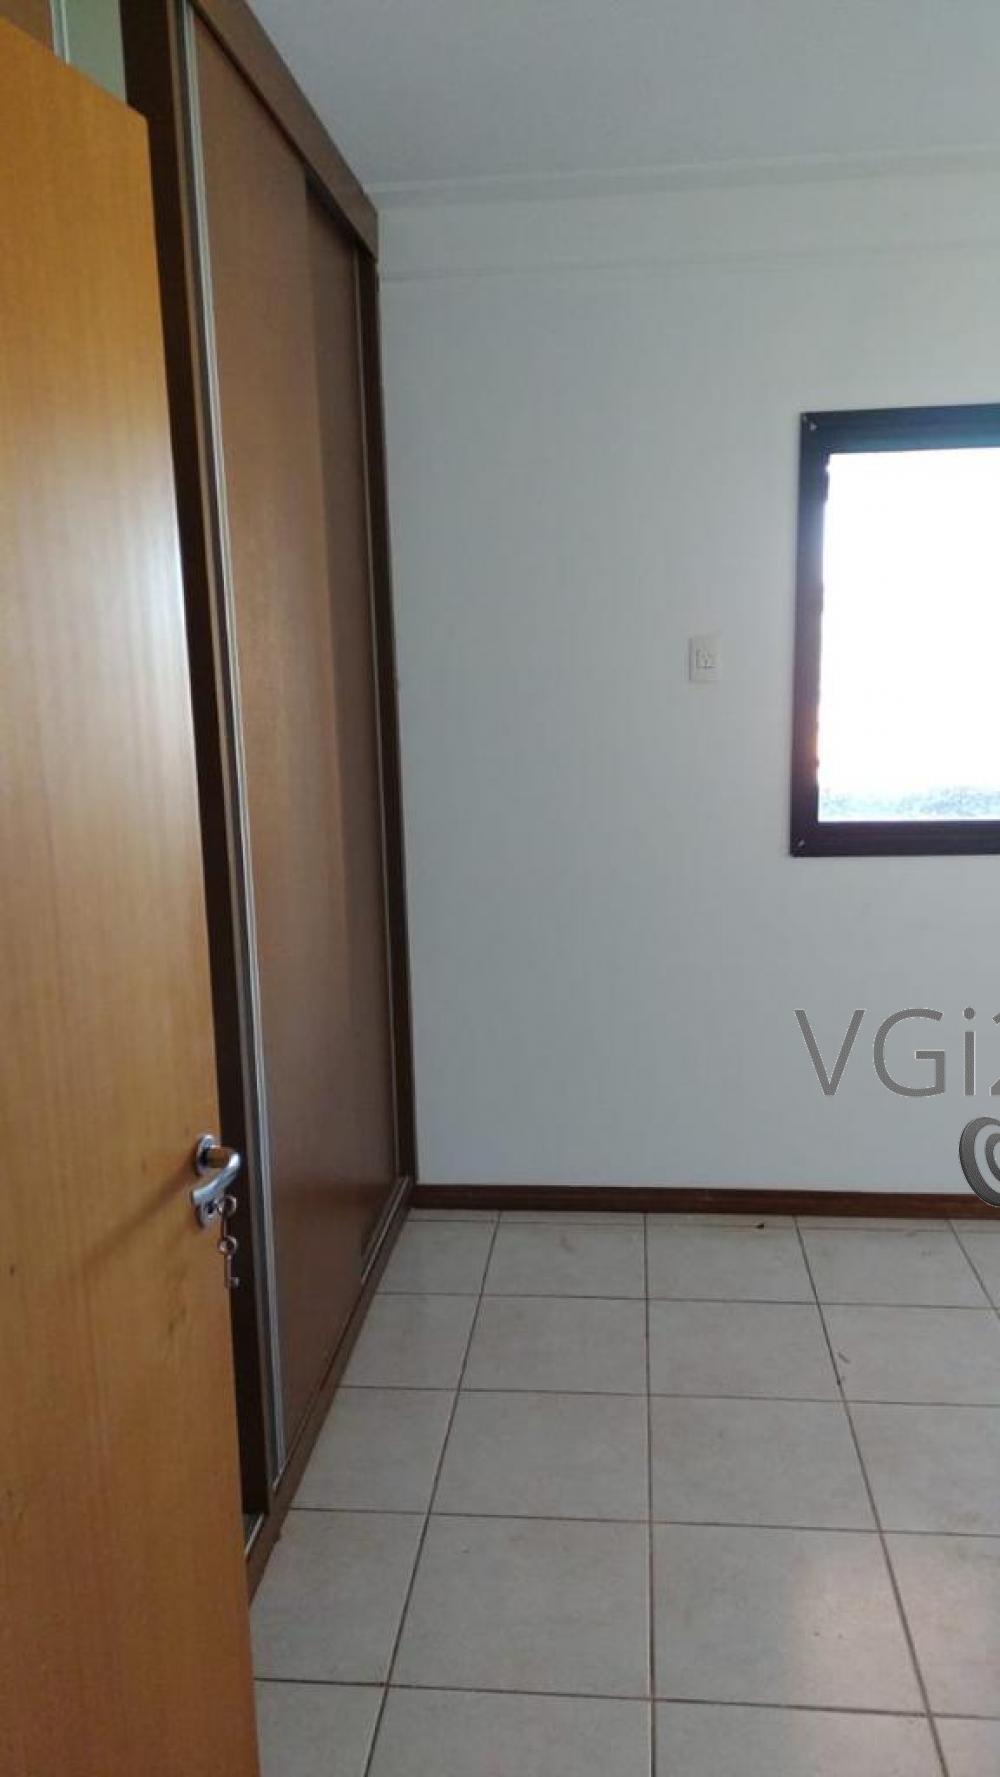 Comprar Apartamento / Padrão em Ribeirão Preto R$ 367.500,00 - Foto 10